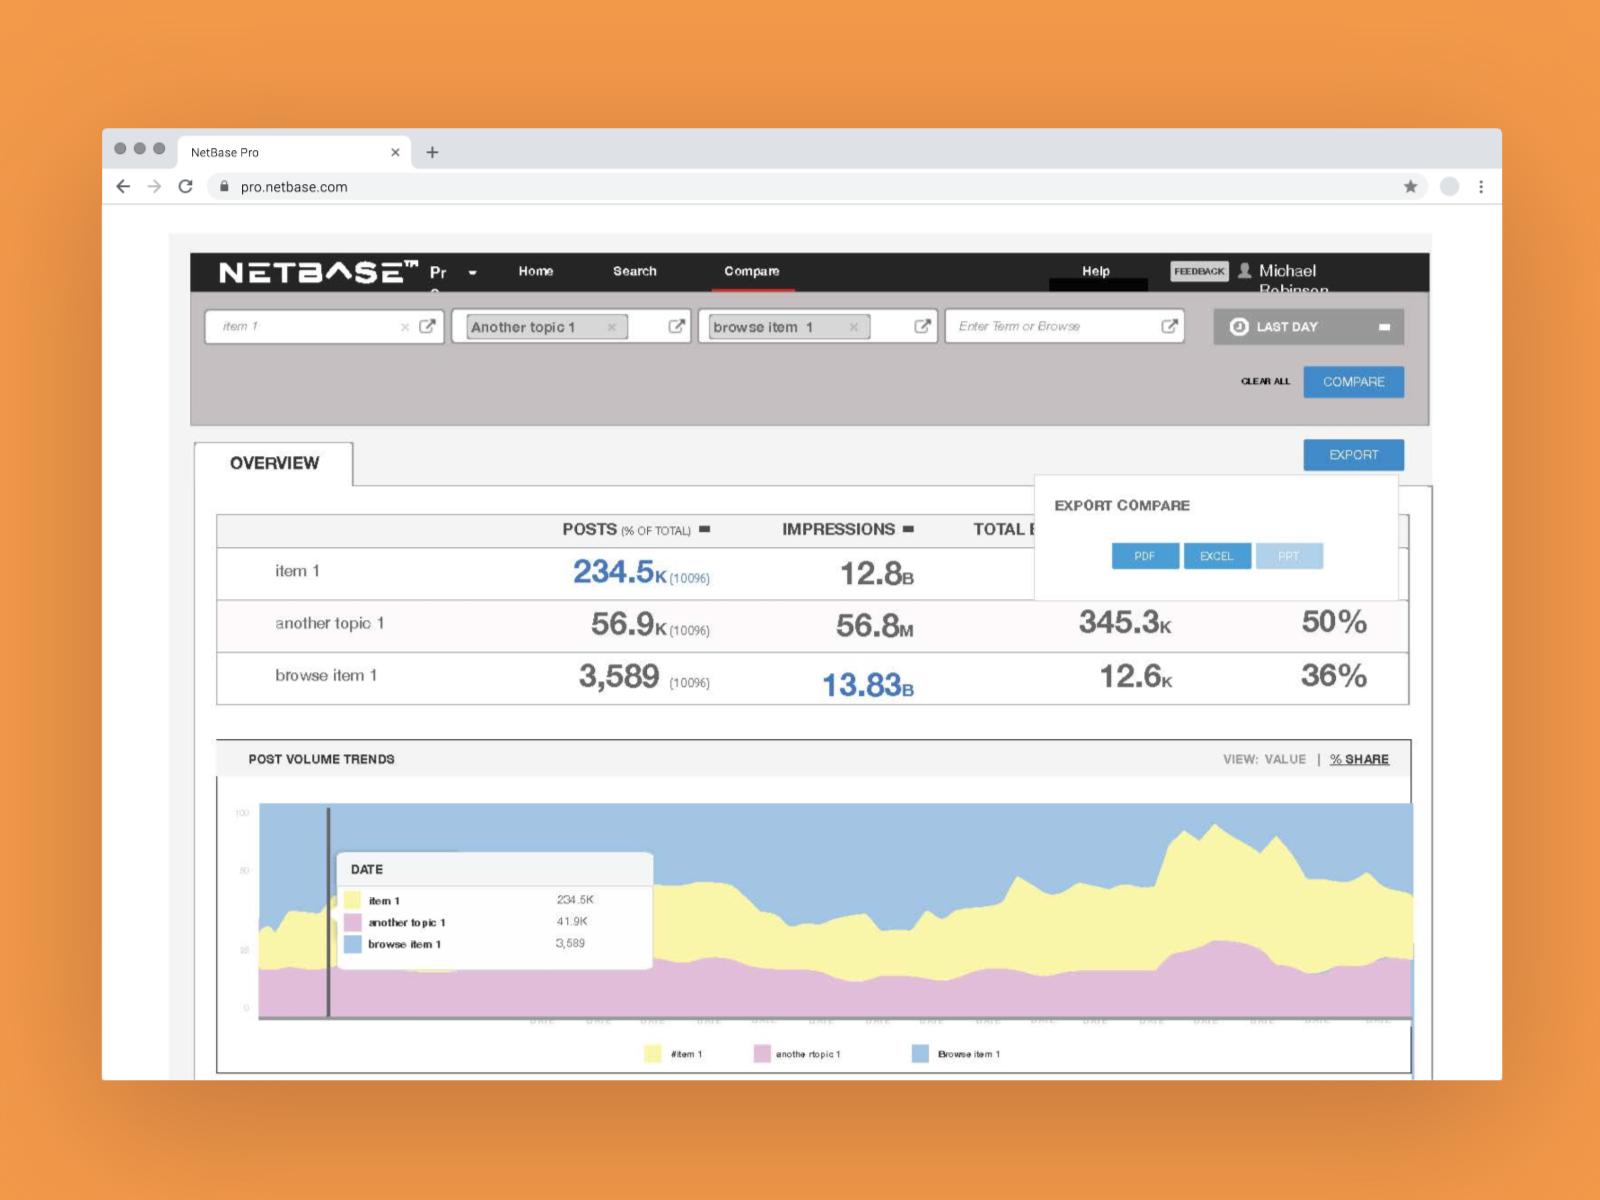 NetBase Pro: Compare